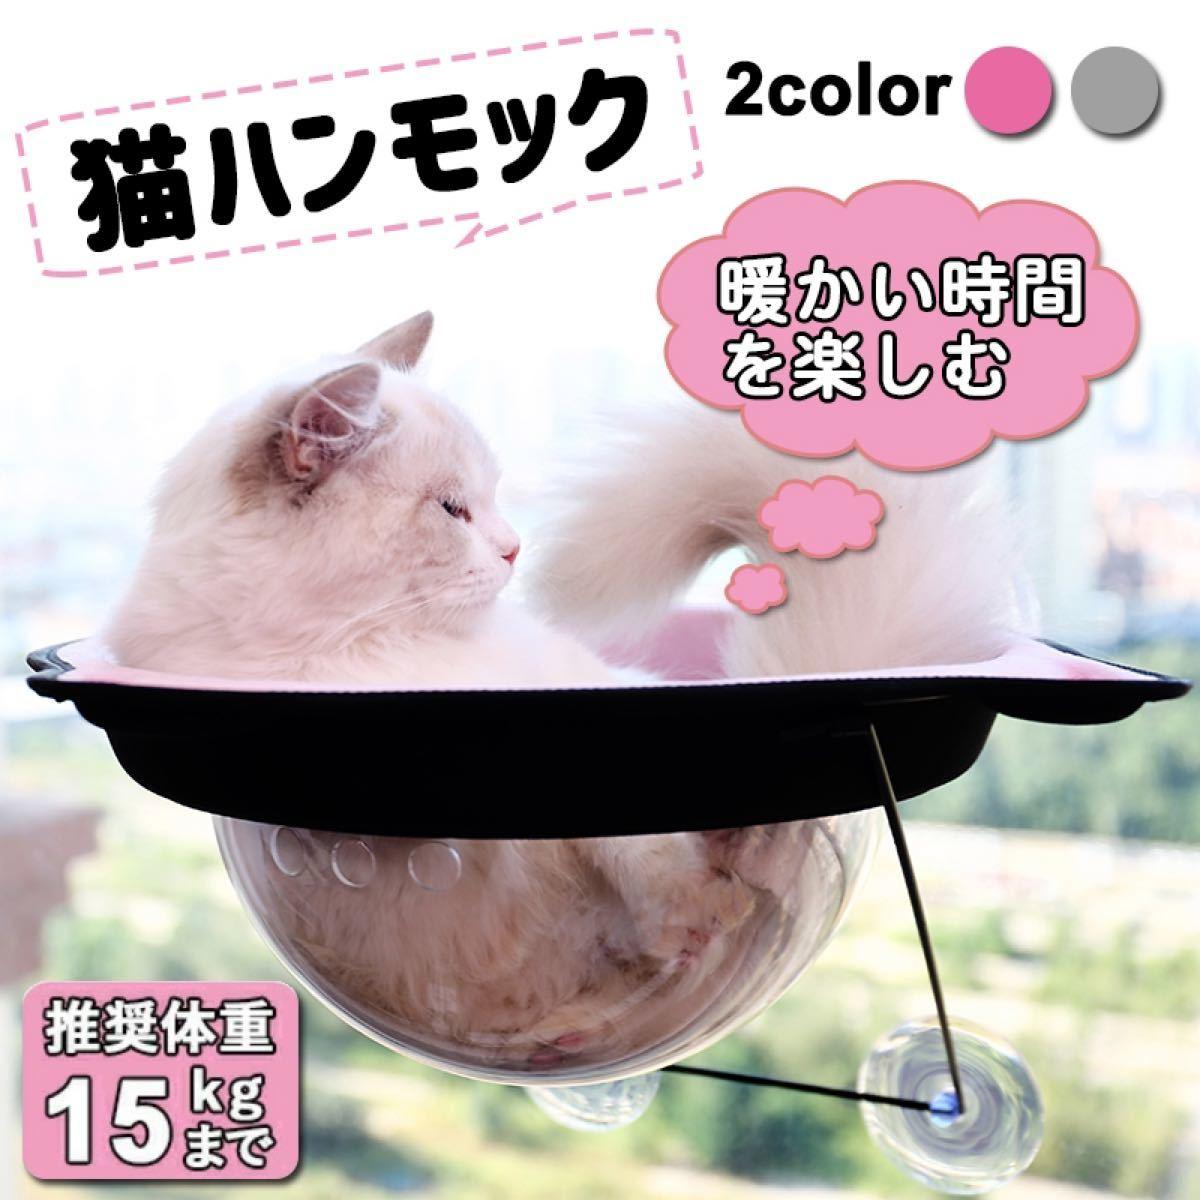 猫窓 ペット窓猫 ペット 窓 ハンモック ウィンドウベッド ペットグッズ ねこハンモック ペット用 猫用 猫の窓 耐荷重15KG